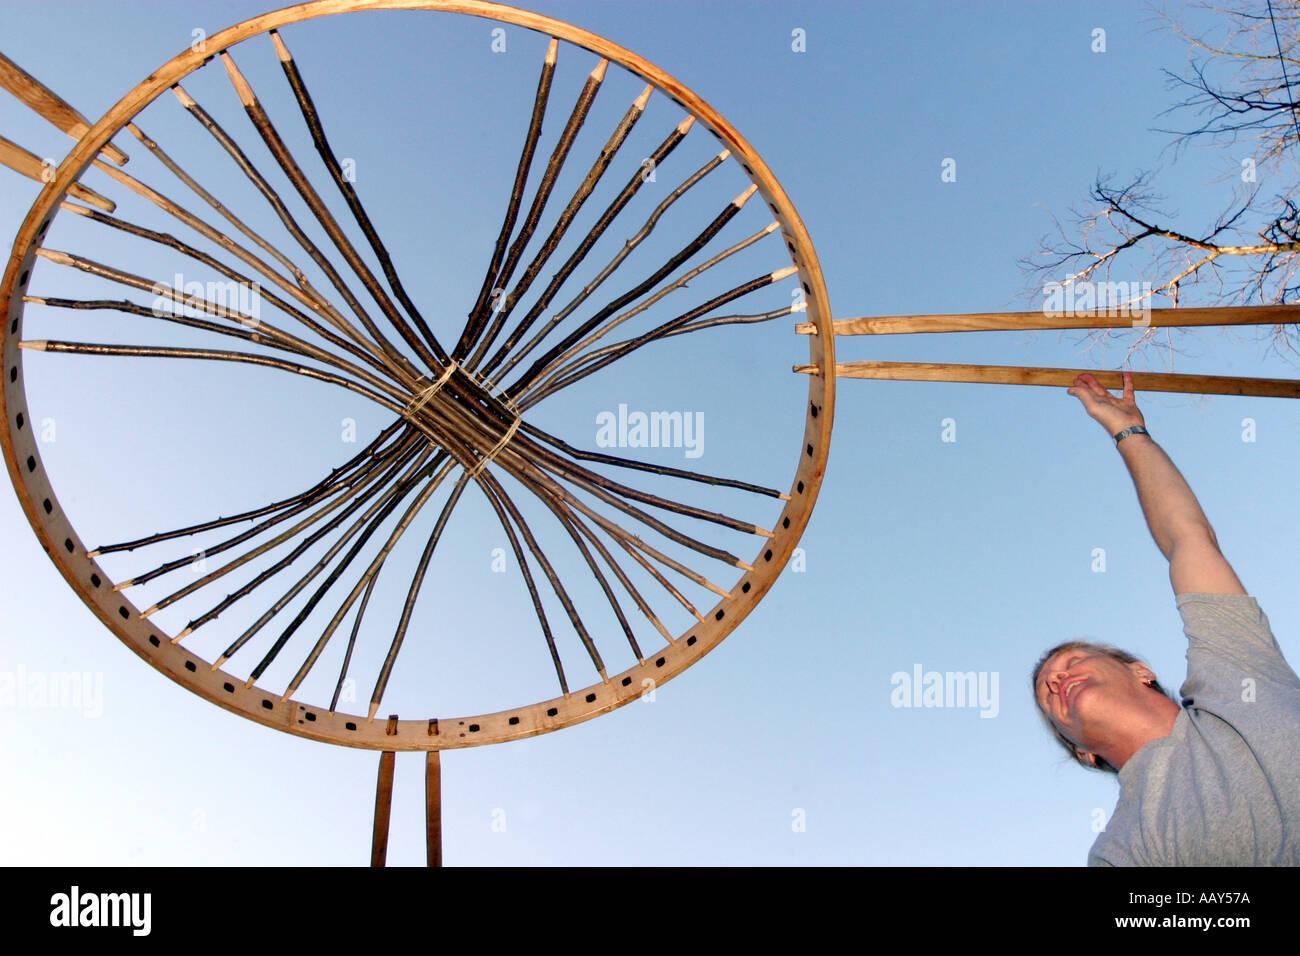 Un homme rassemble la structure d'une yourte mongole Photo Stock